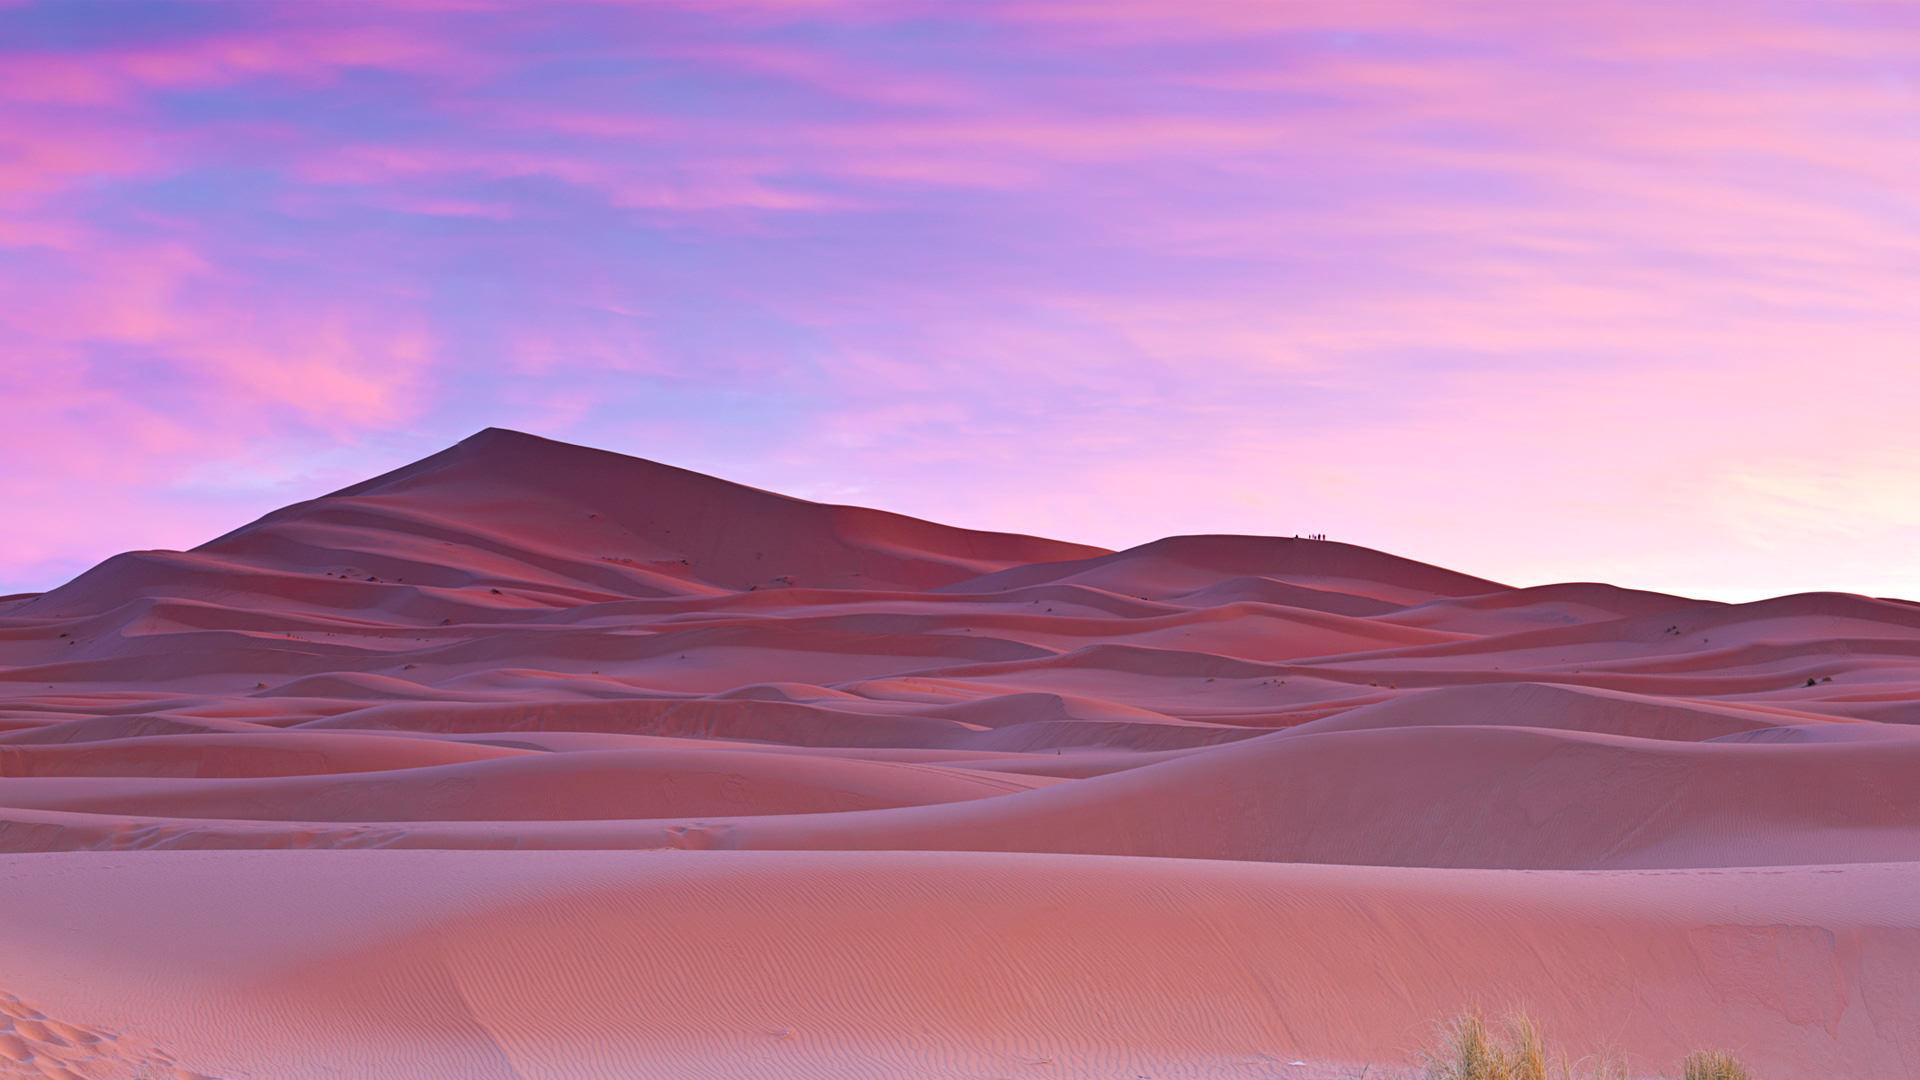 Sahara Desert Morocco Landscape Wallpaper